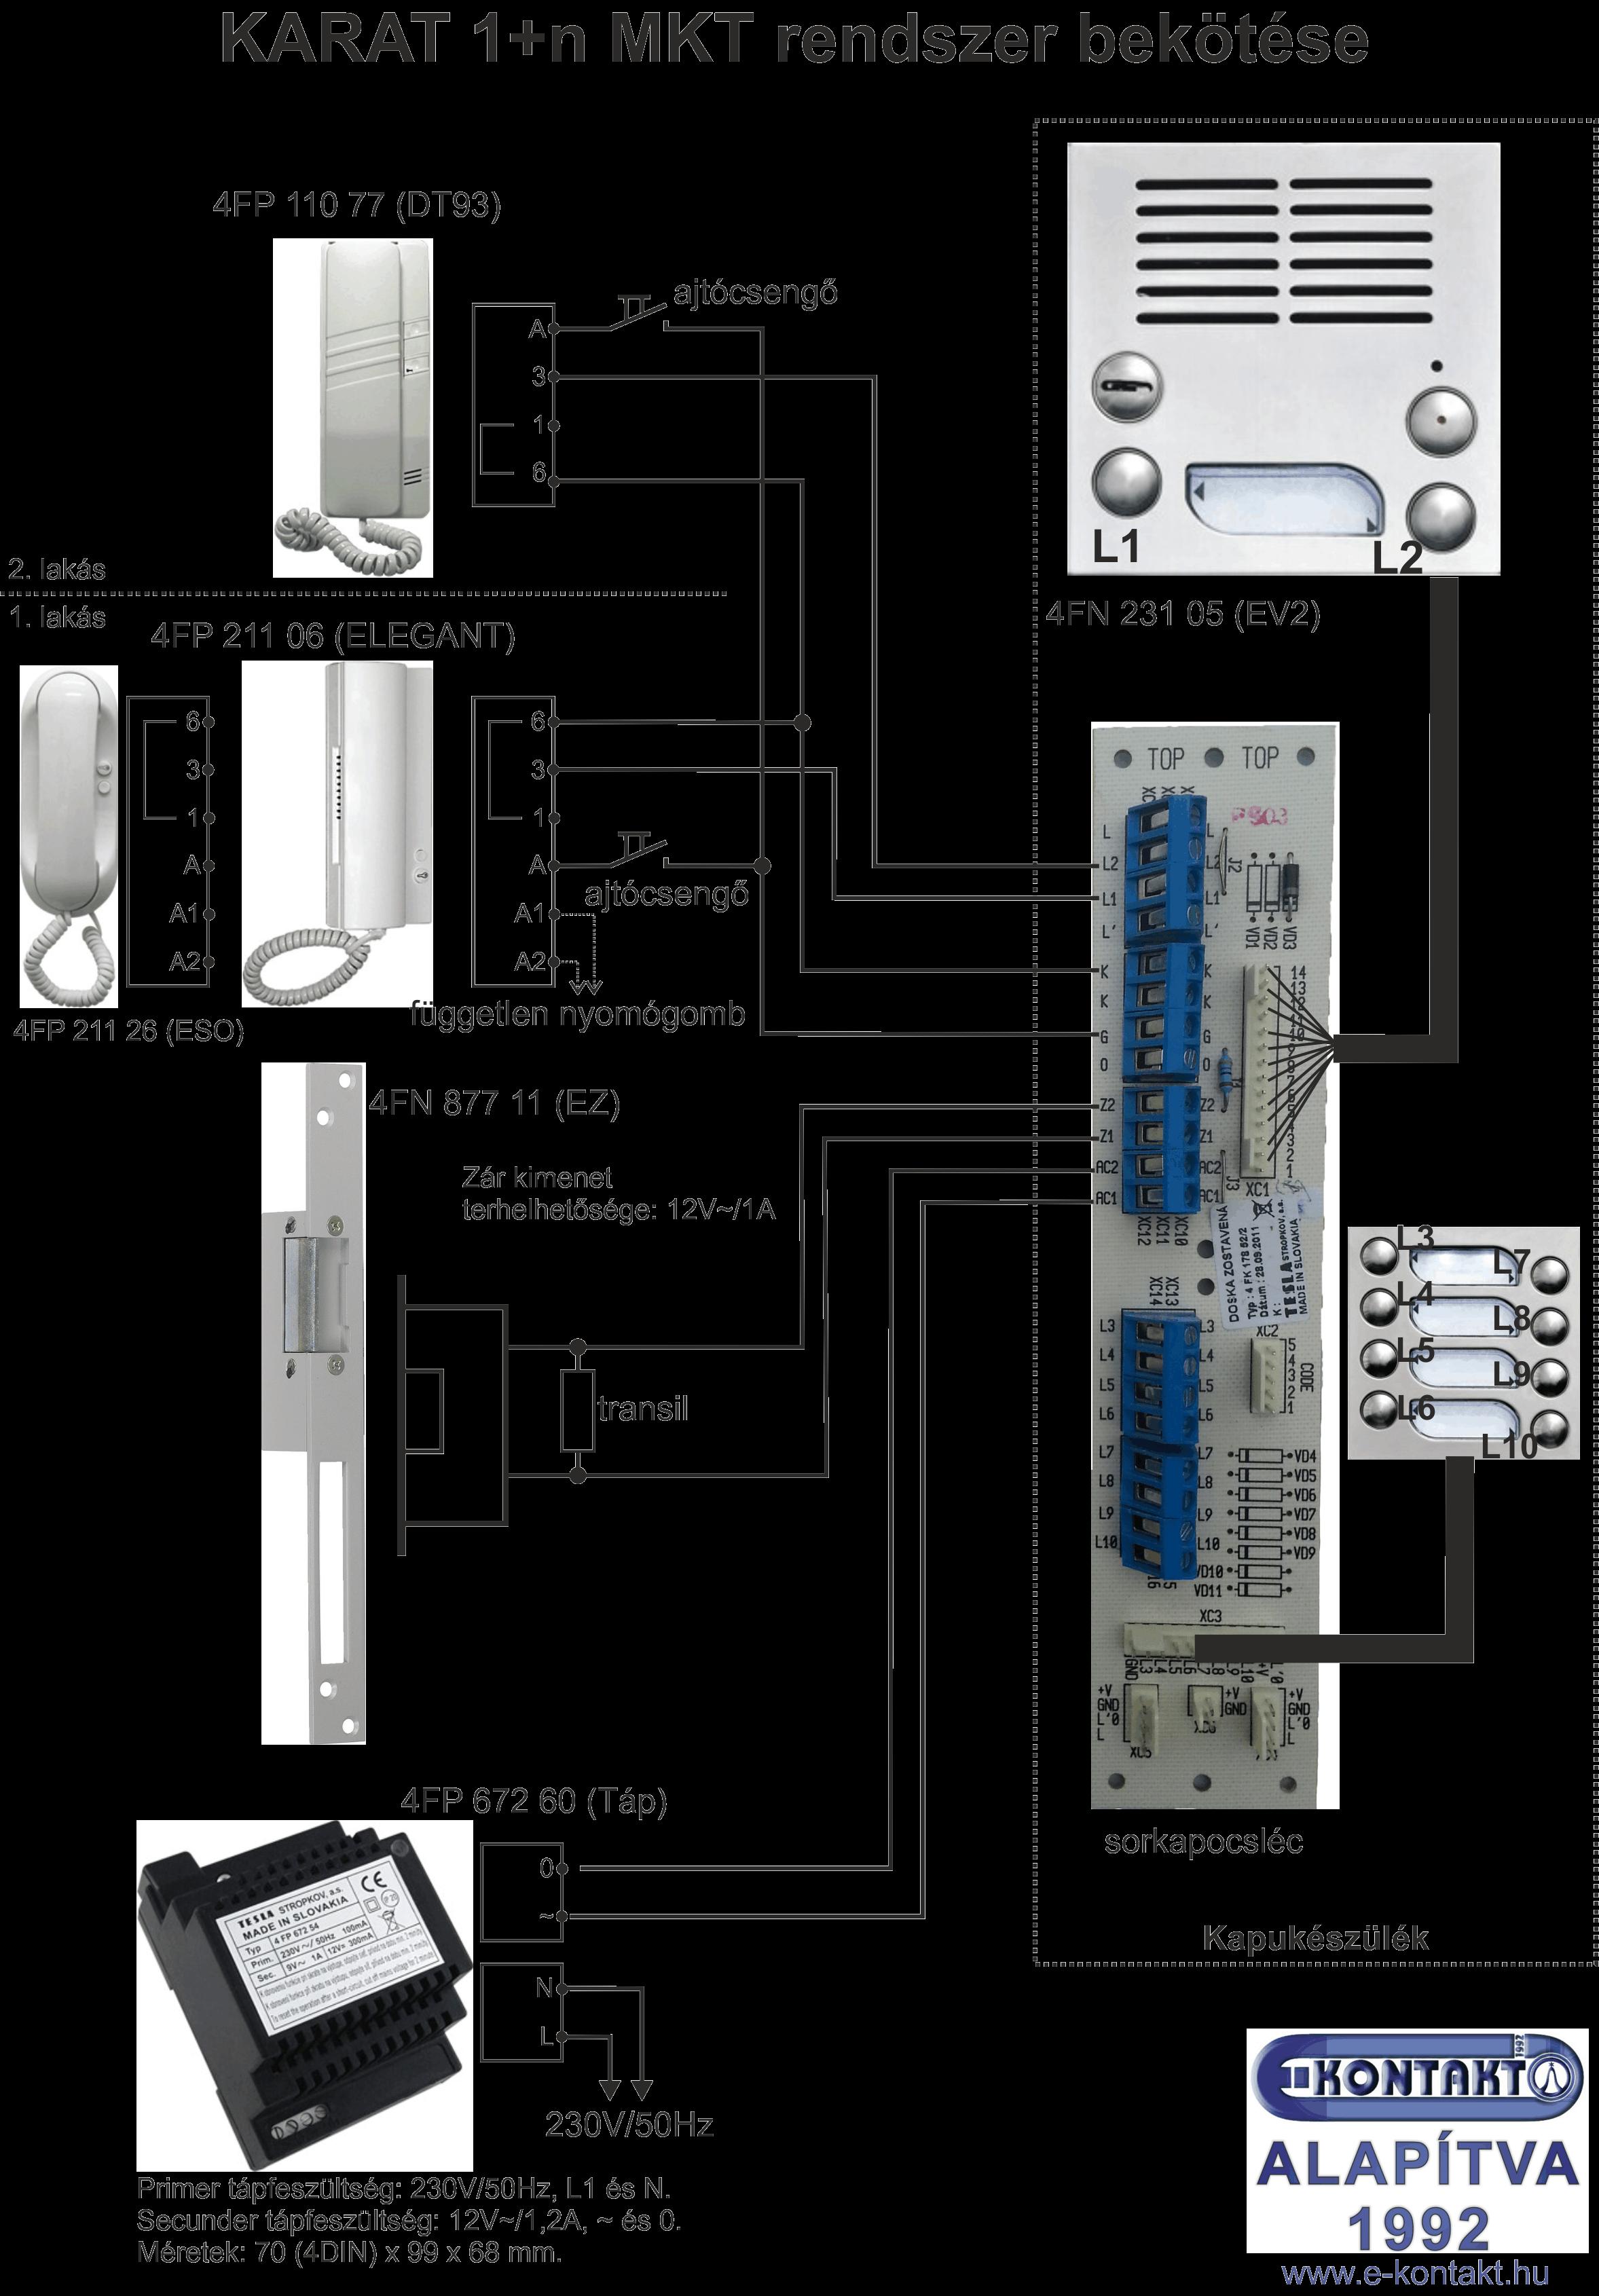 KARAT 1+n MKT  kaputelefon bekötése